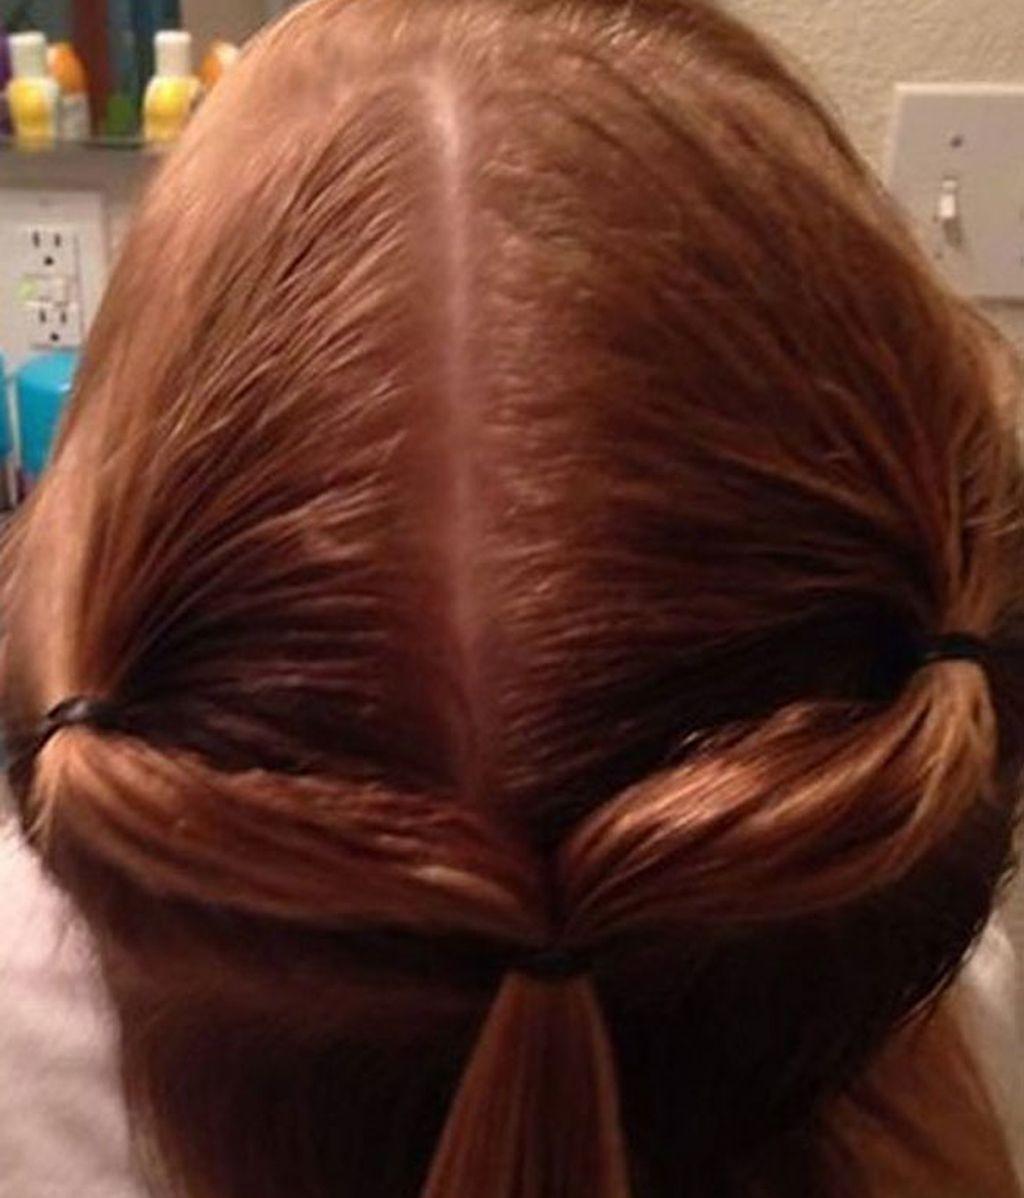 Los 10 increíbles peinados que un padre soltero hizo a su hija de 3 años